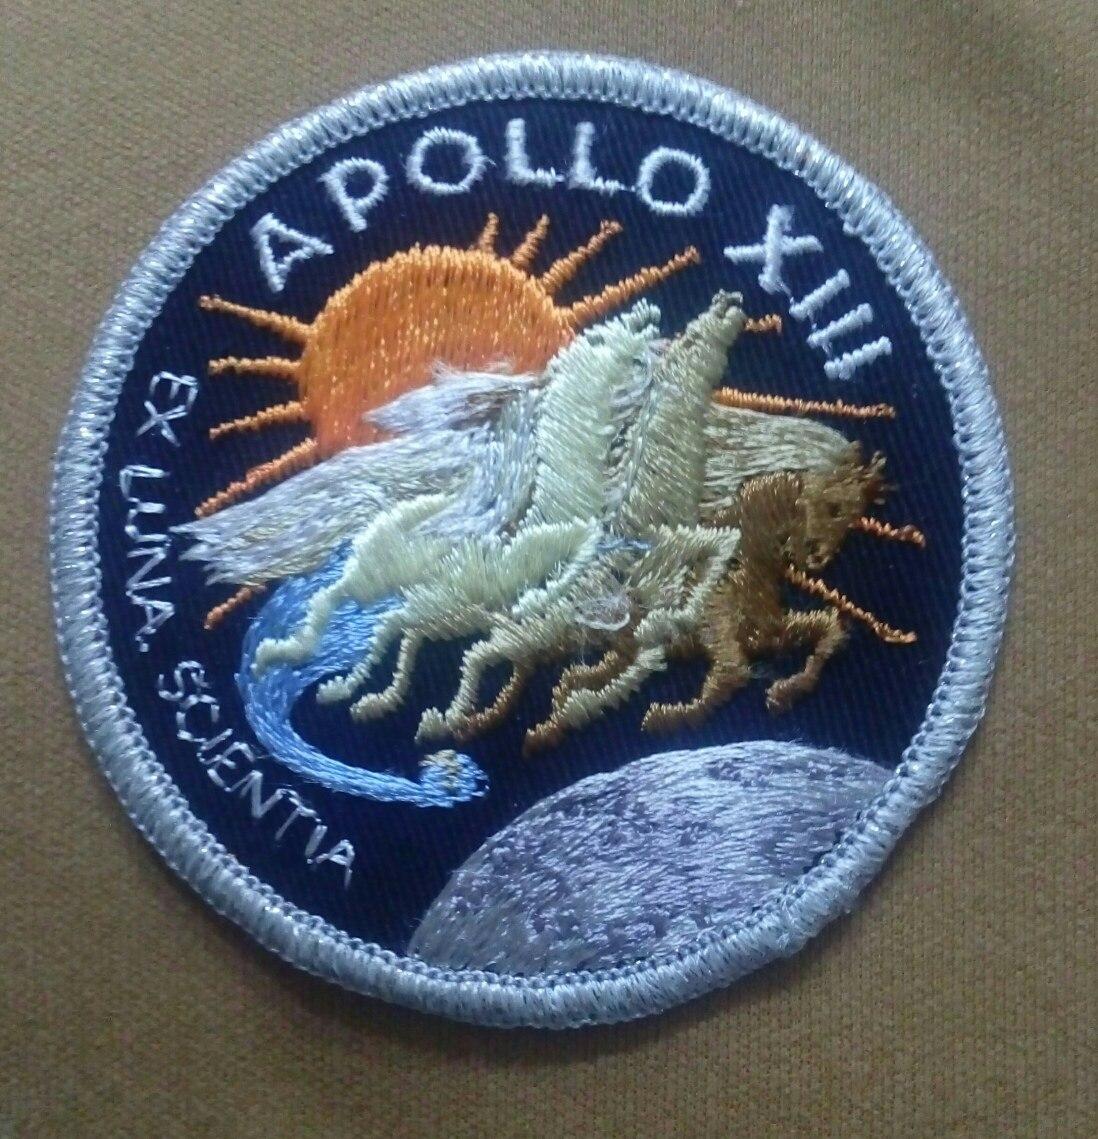 Parche Emblema Nasa Apollo 13 Mision Espacial